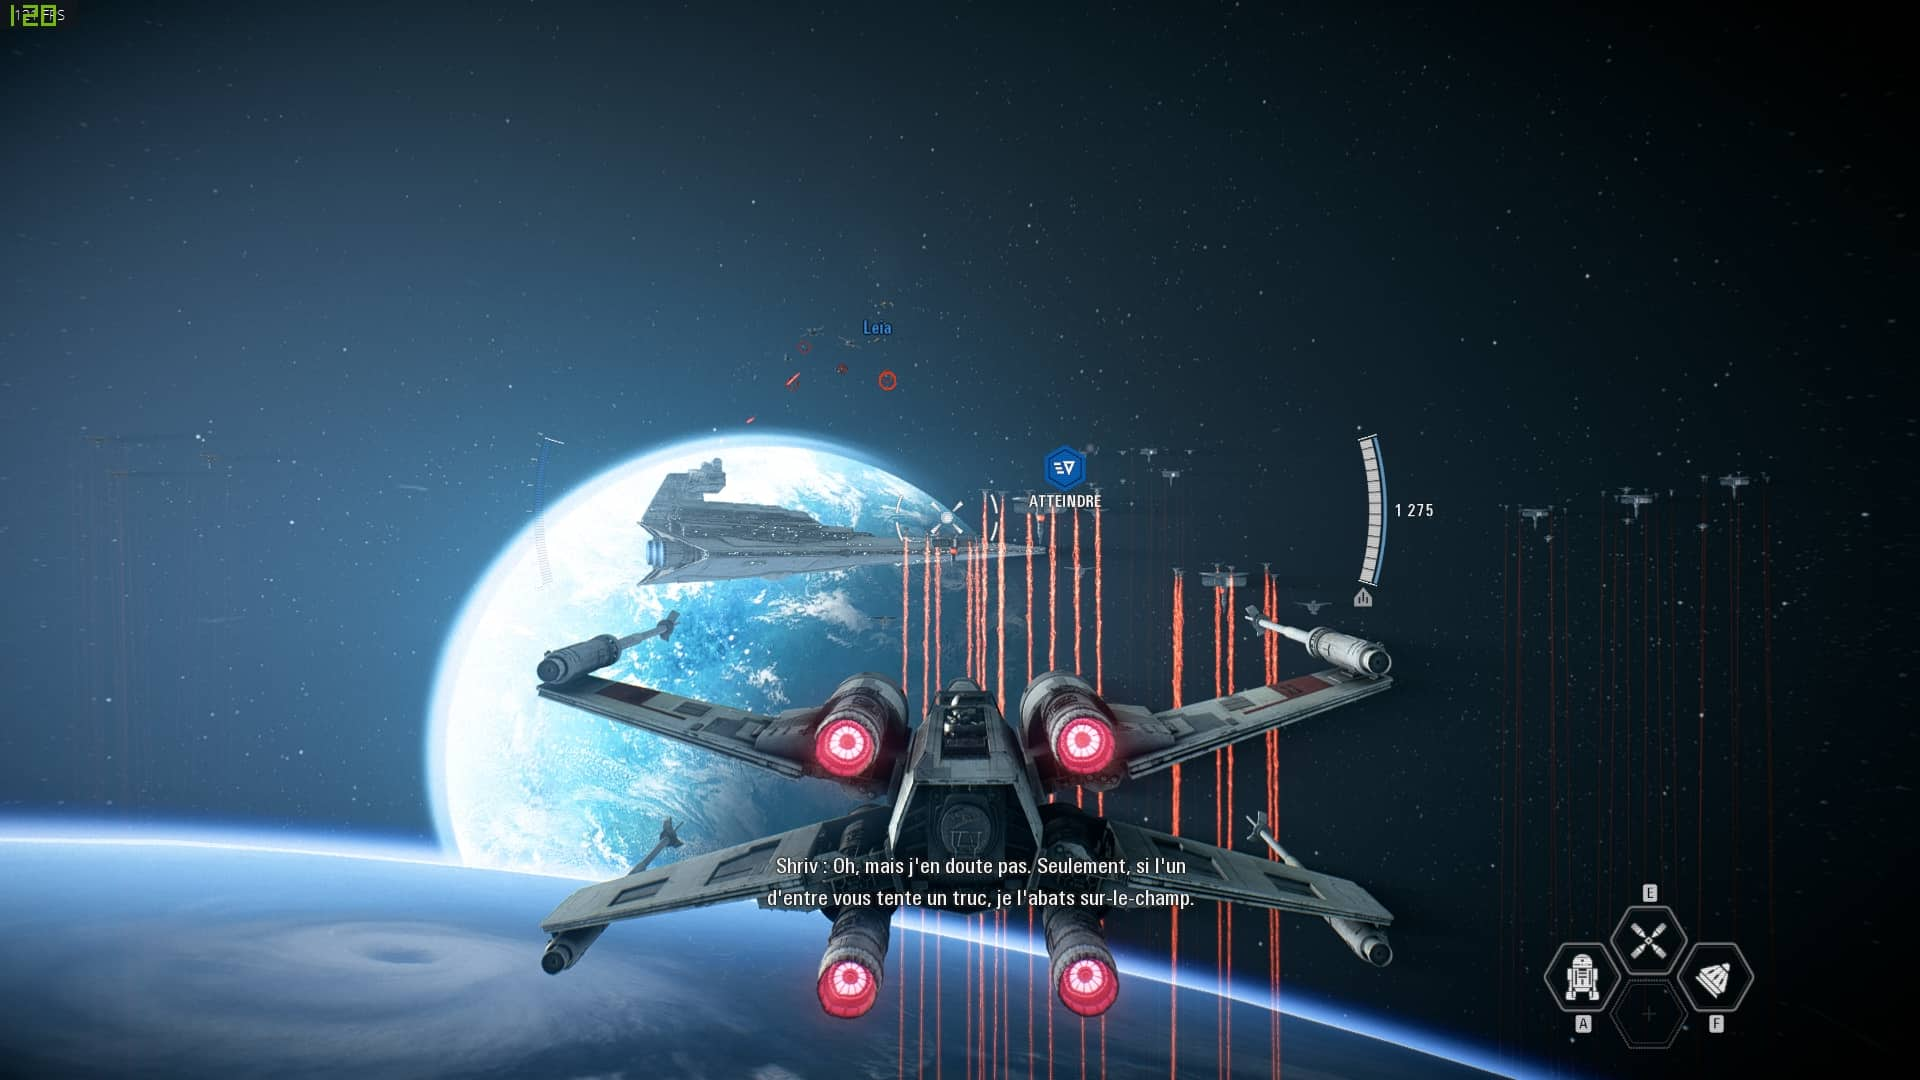 Le Star Wars en open world d'Electronic Arts continue de se développer